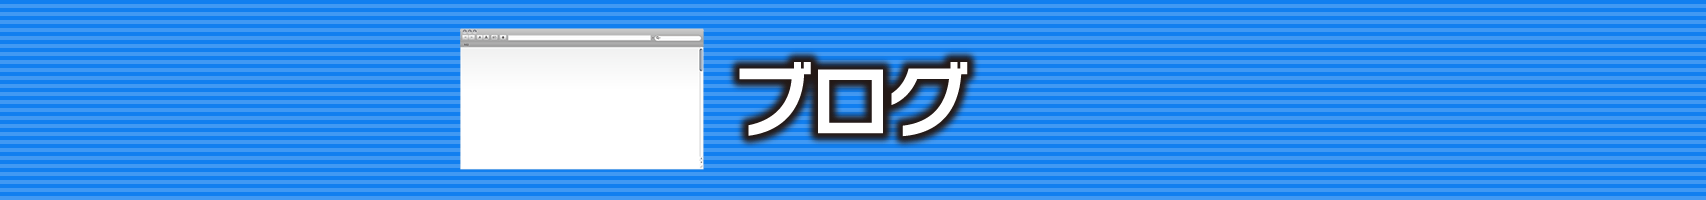 11/11(日) 亀谷サロンオフ会レポート ~ 前日は10万馬券! さらに当日は後半5レースで大盛り上がり!!